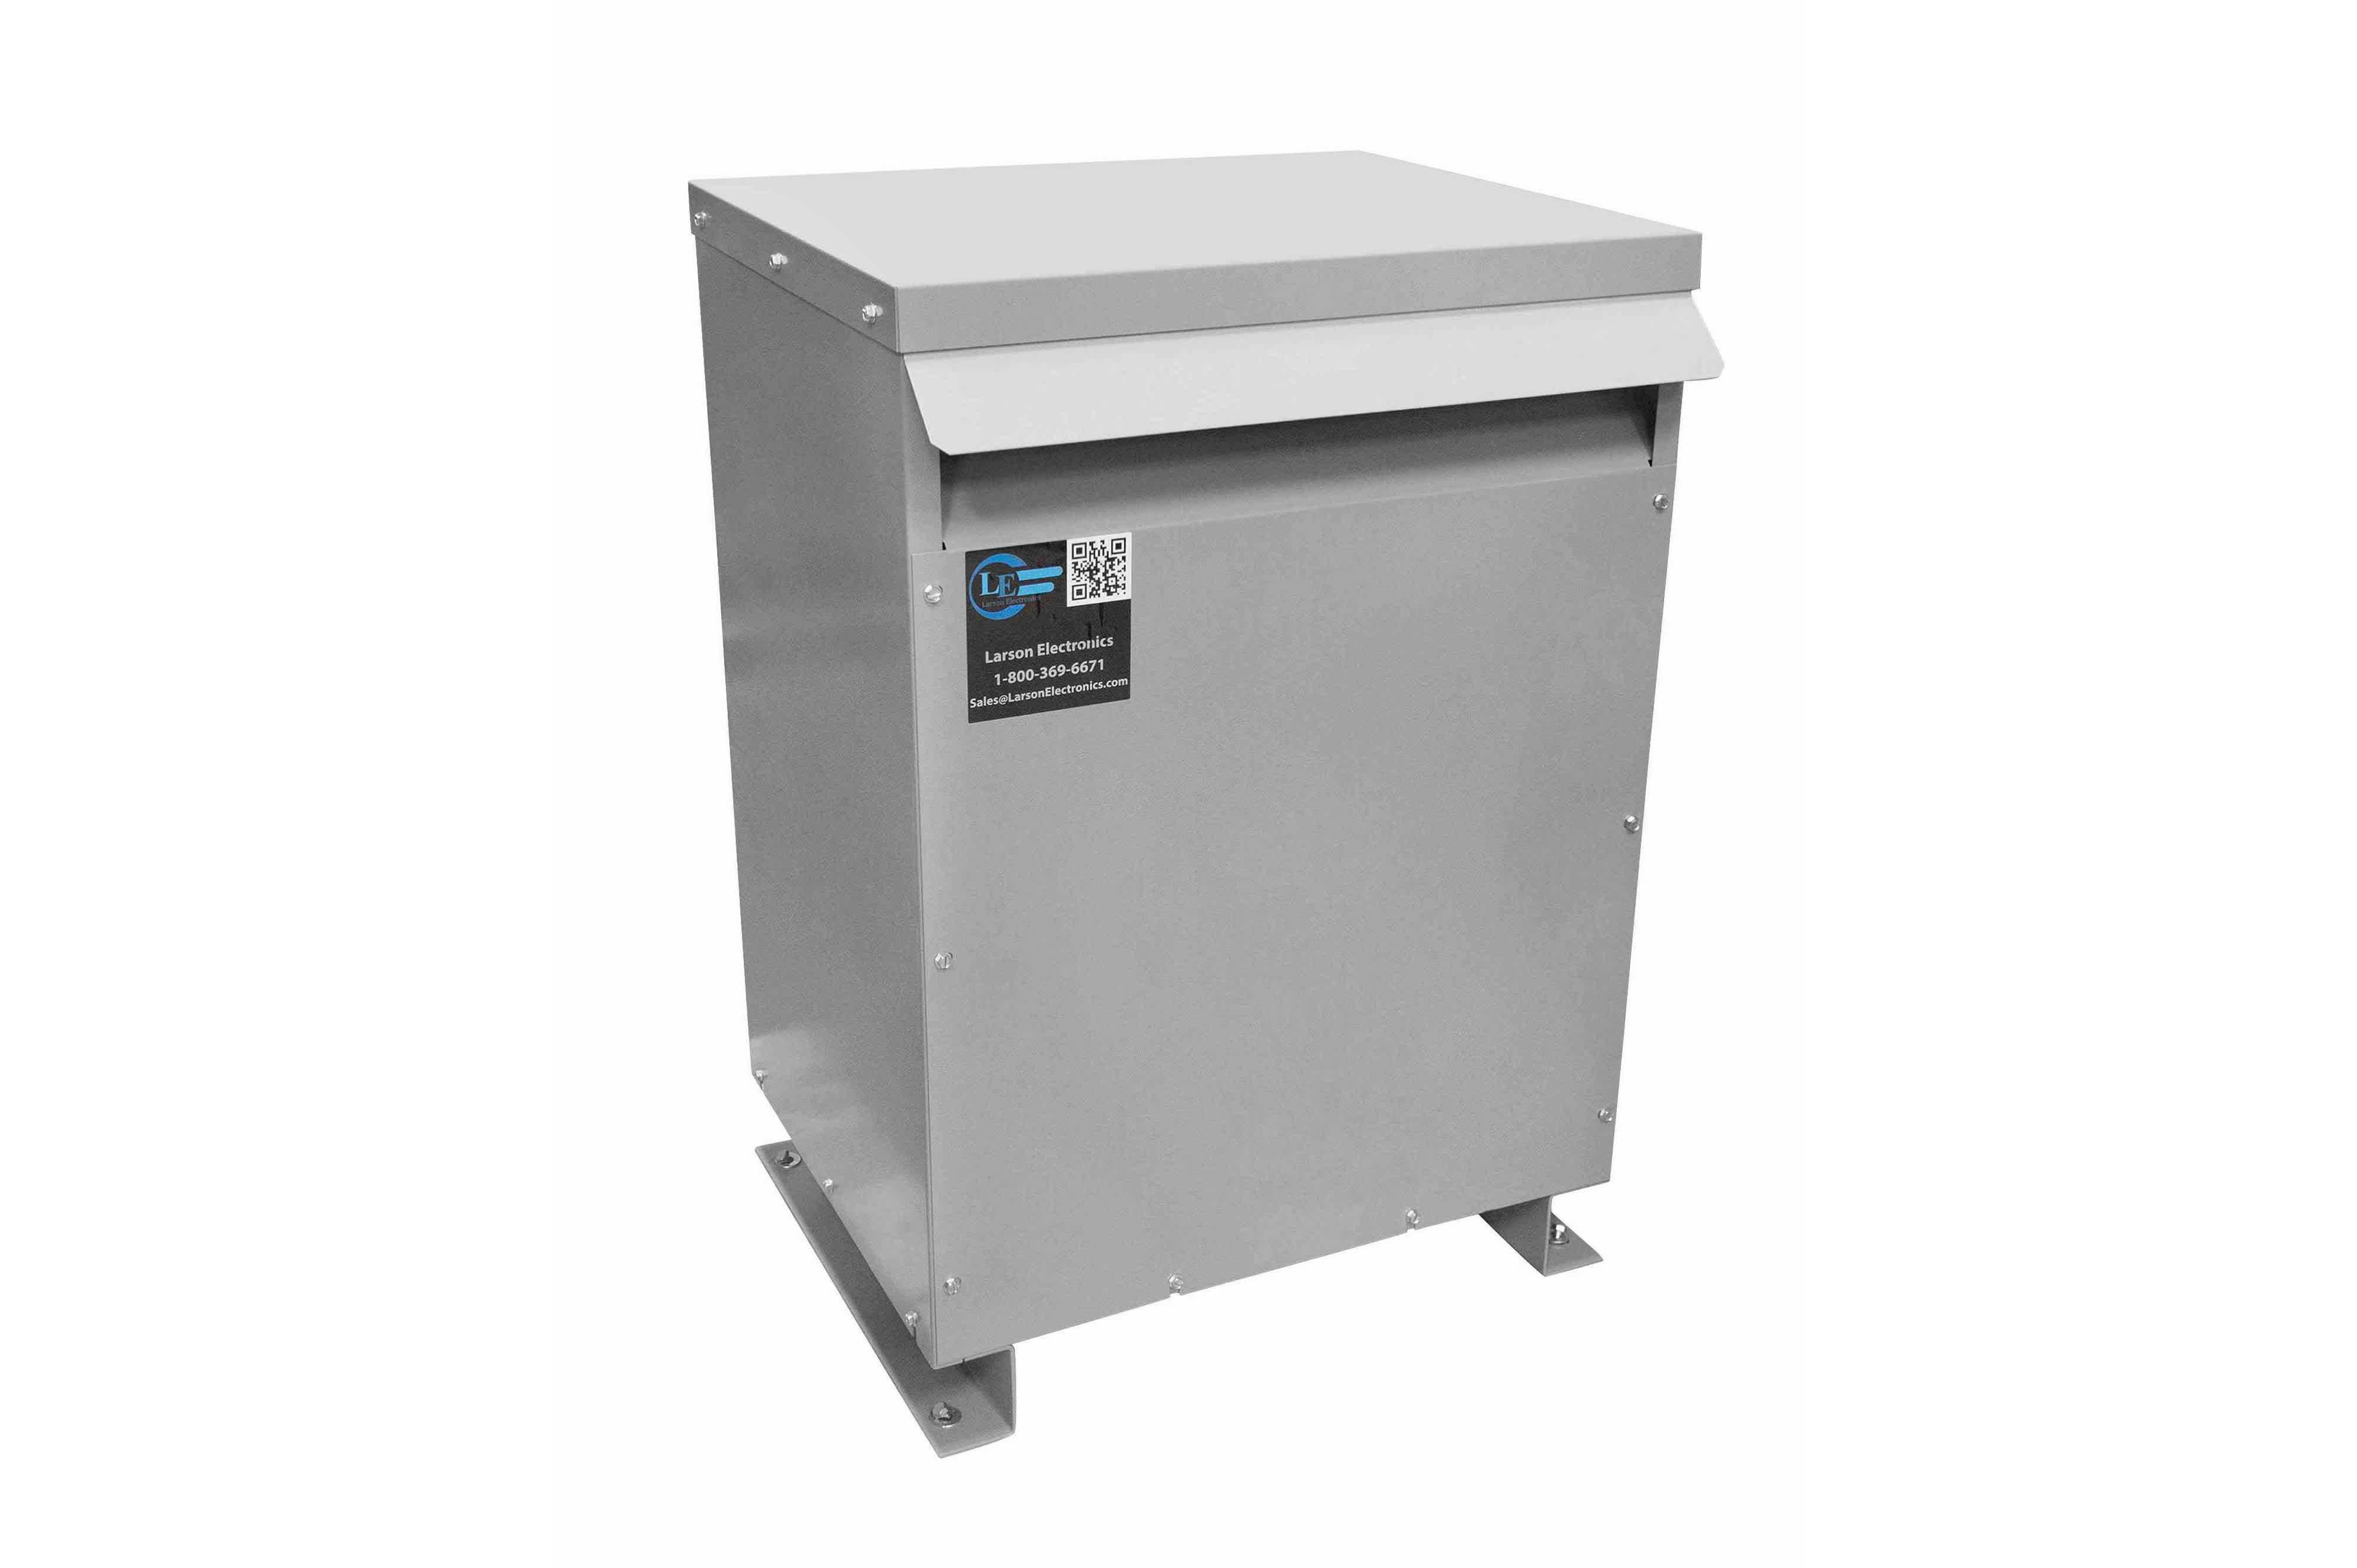 29 kVA 3PH Isolation Transformer, 380V Delta Primary, 600V Delta Secondary, N3R, Ventilated, 60 Hz